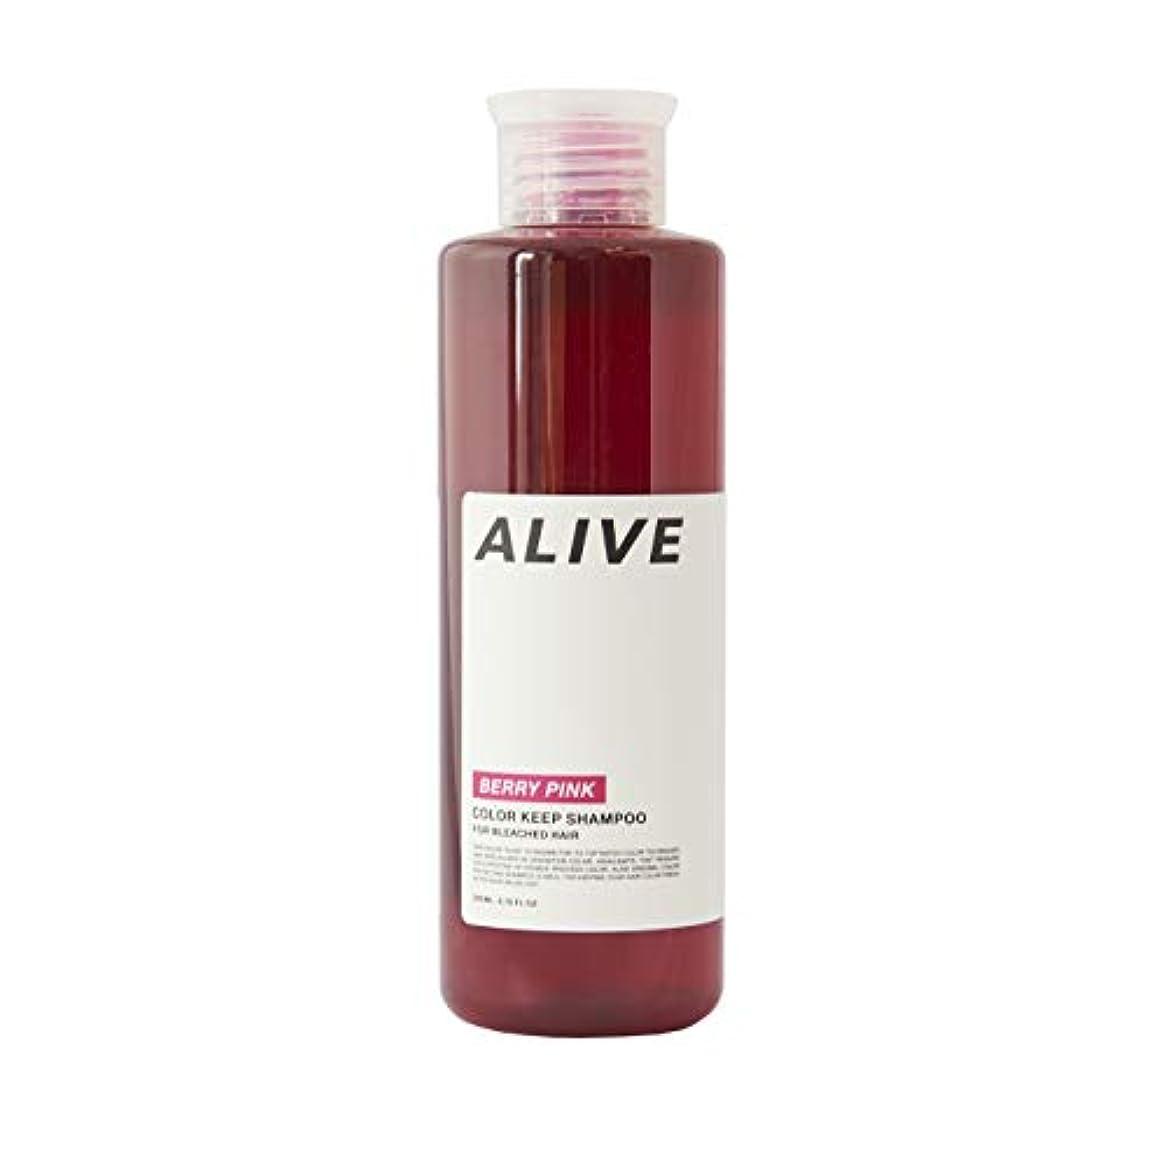 セント窒素魅力的ALIVE アライブ カラーシャンプー 極濃ベリーピンクシャンプー ムラシャン レッドシャンプー 赤 200ml